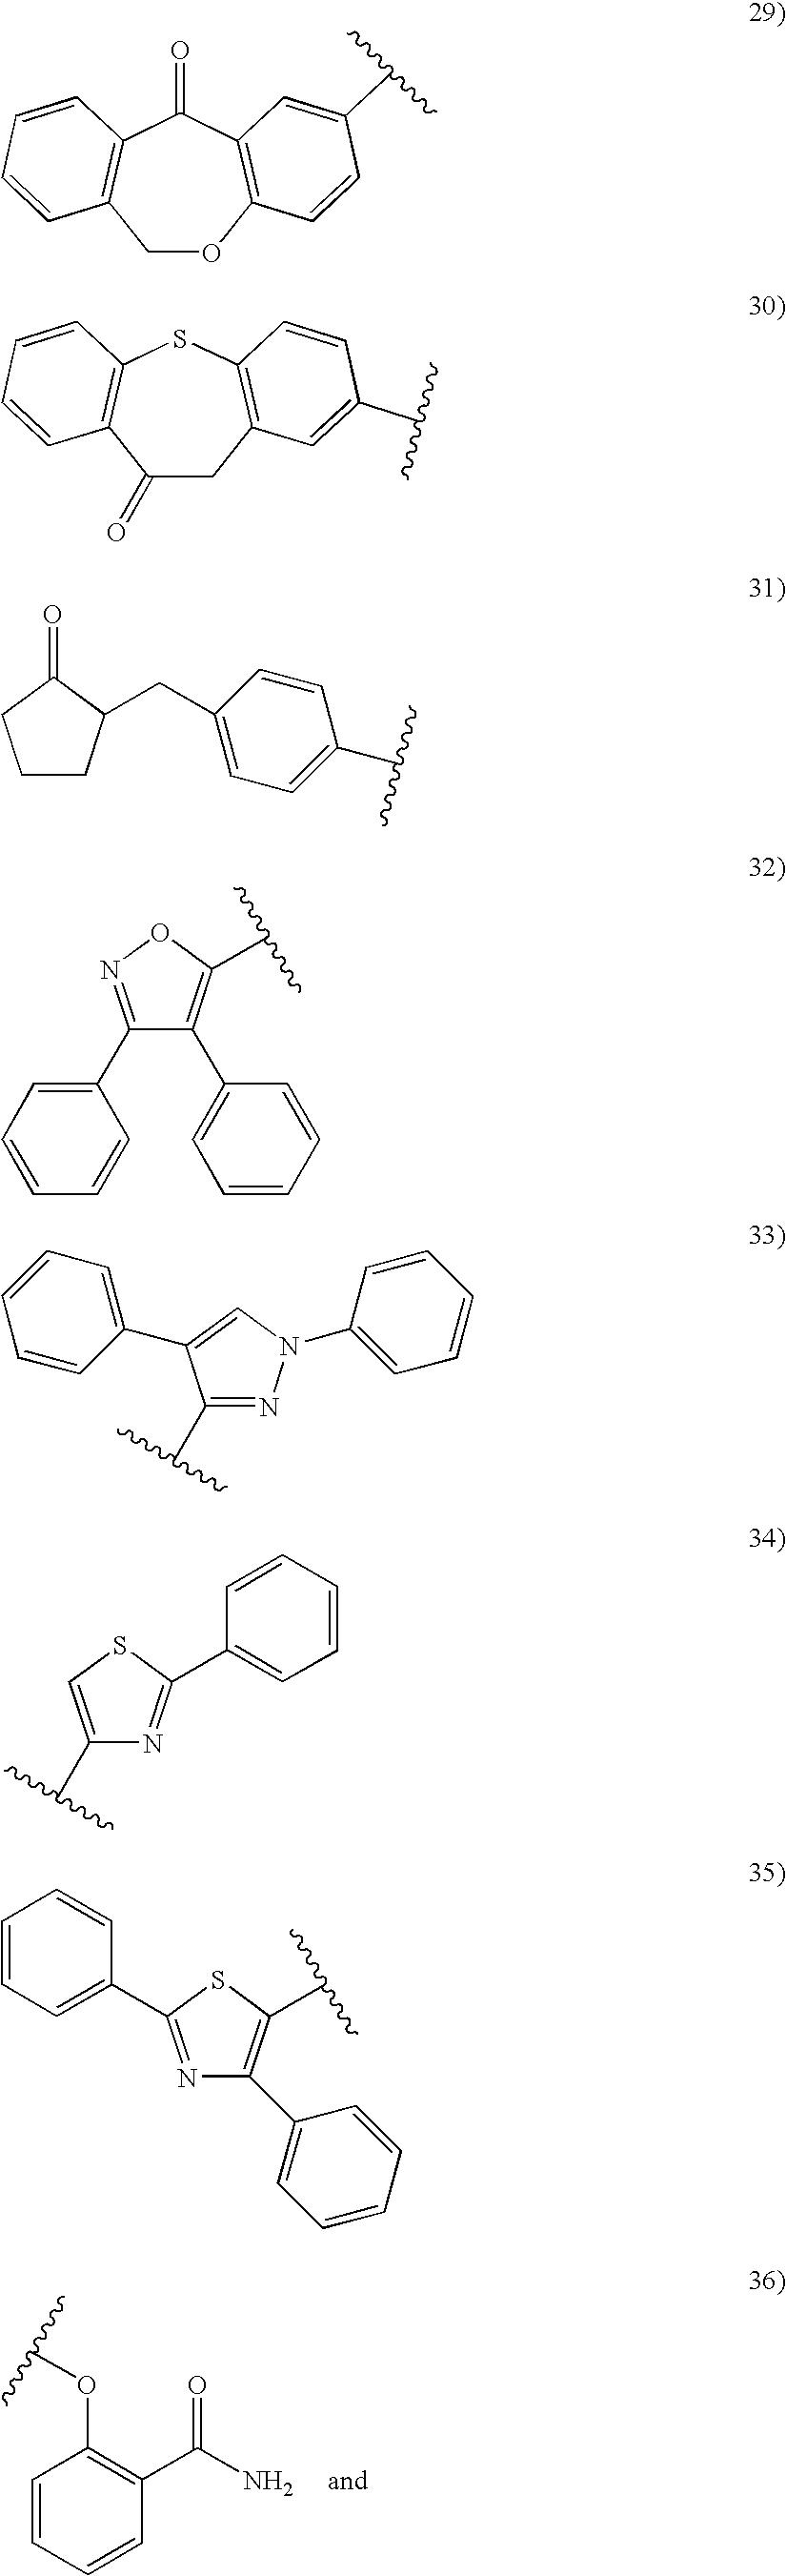 Figure US20050054714A1-20050310-C00007